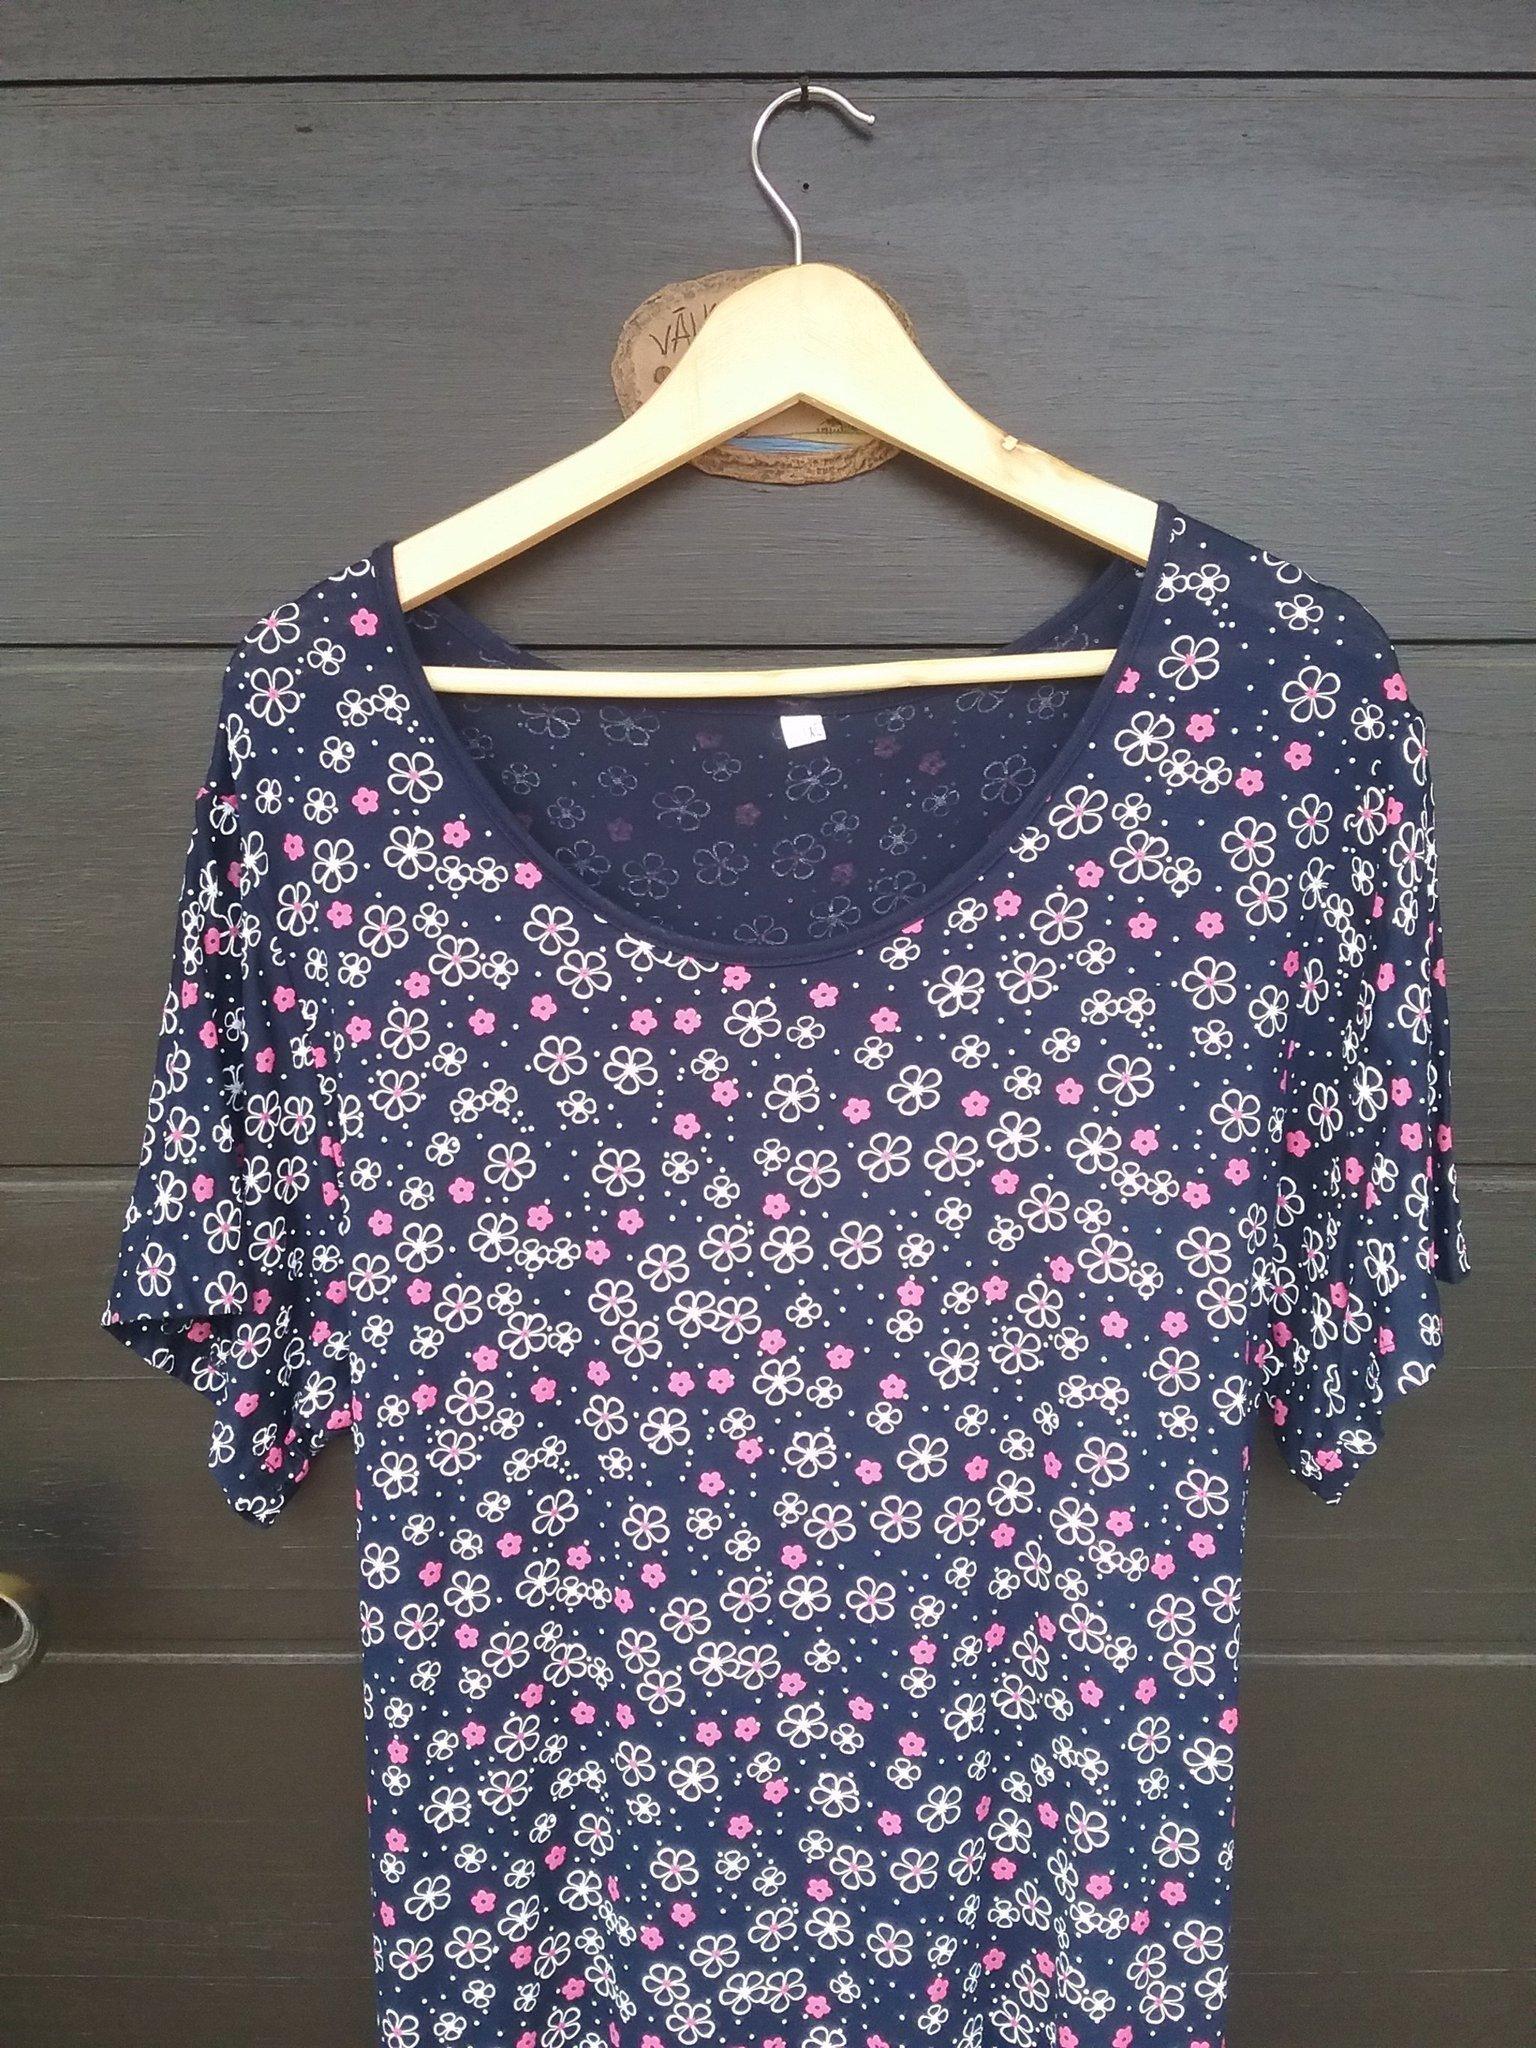 7eb89ba45ffe Ny somrig skön, mycket stretchig blå klänning m.. (354634928) ᐈ Köp på  Tradera